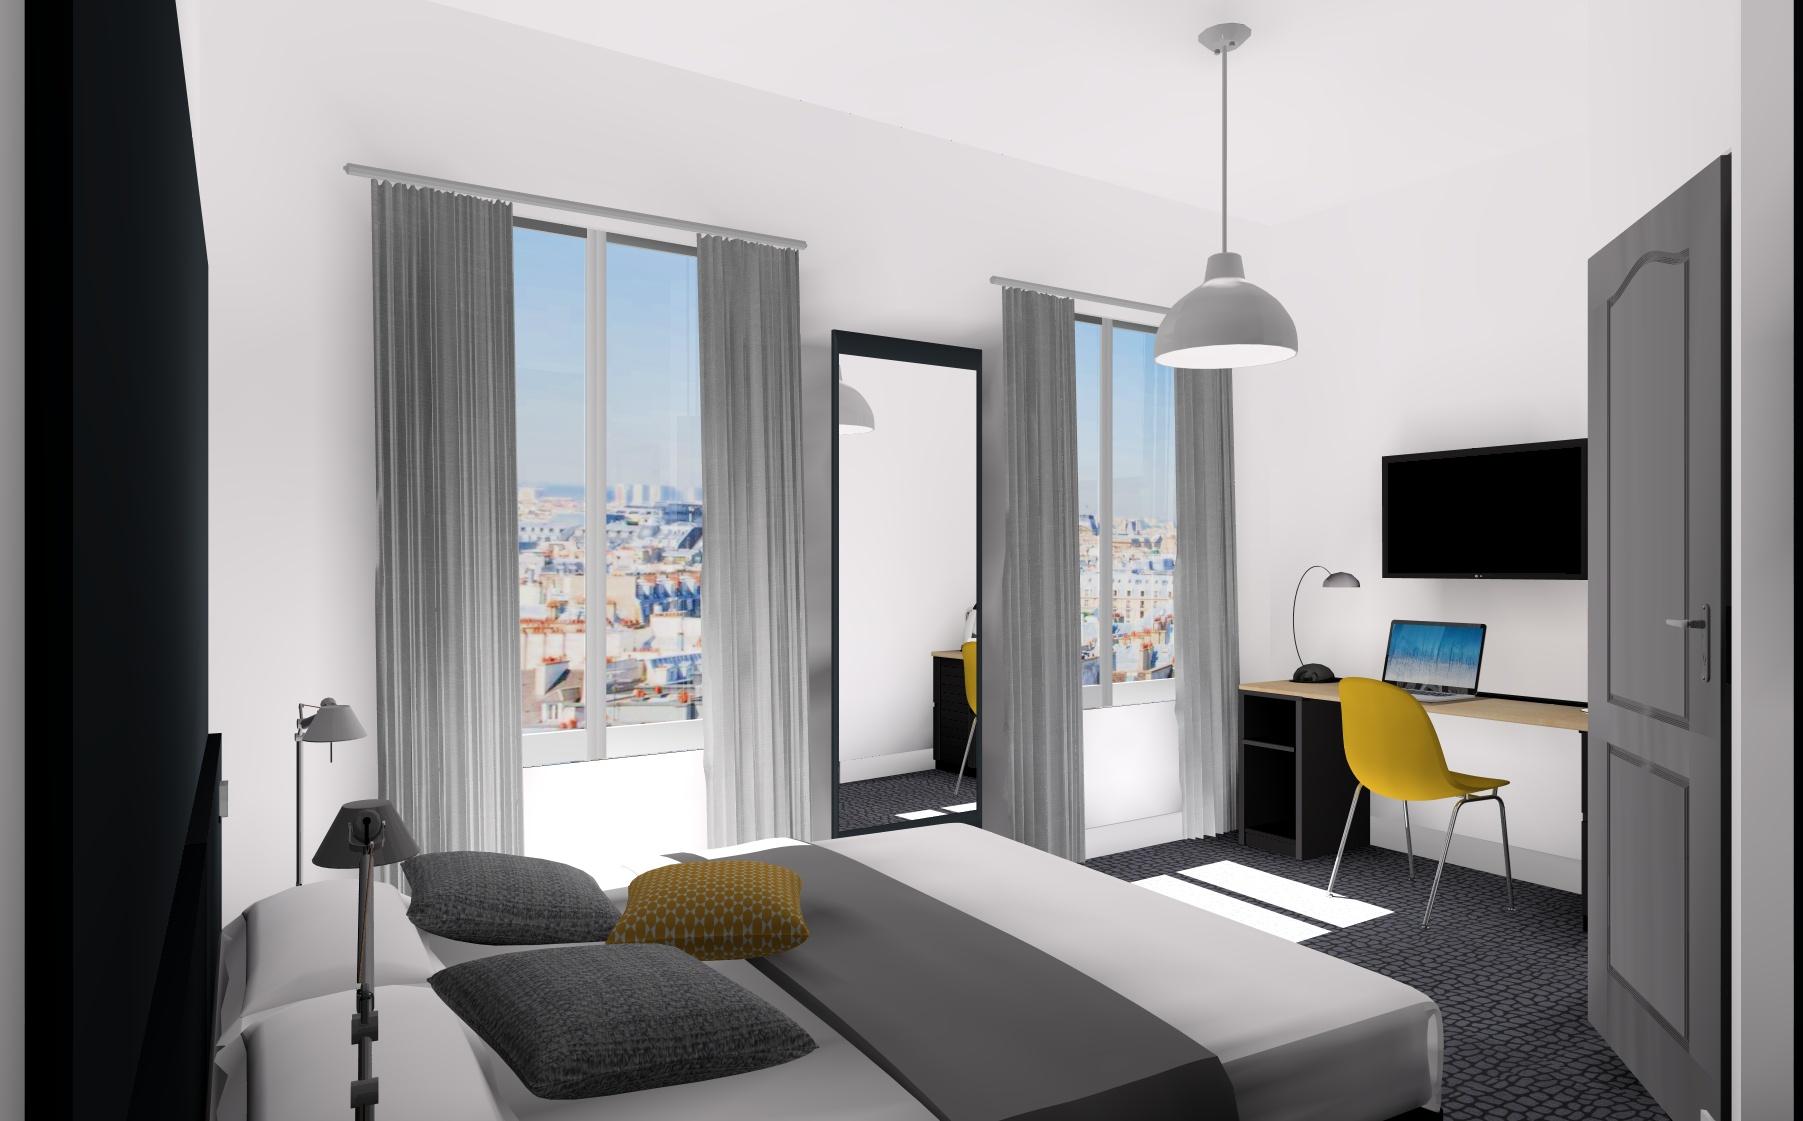 vue-3d-chambre-hotel-meaux